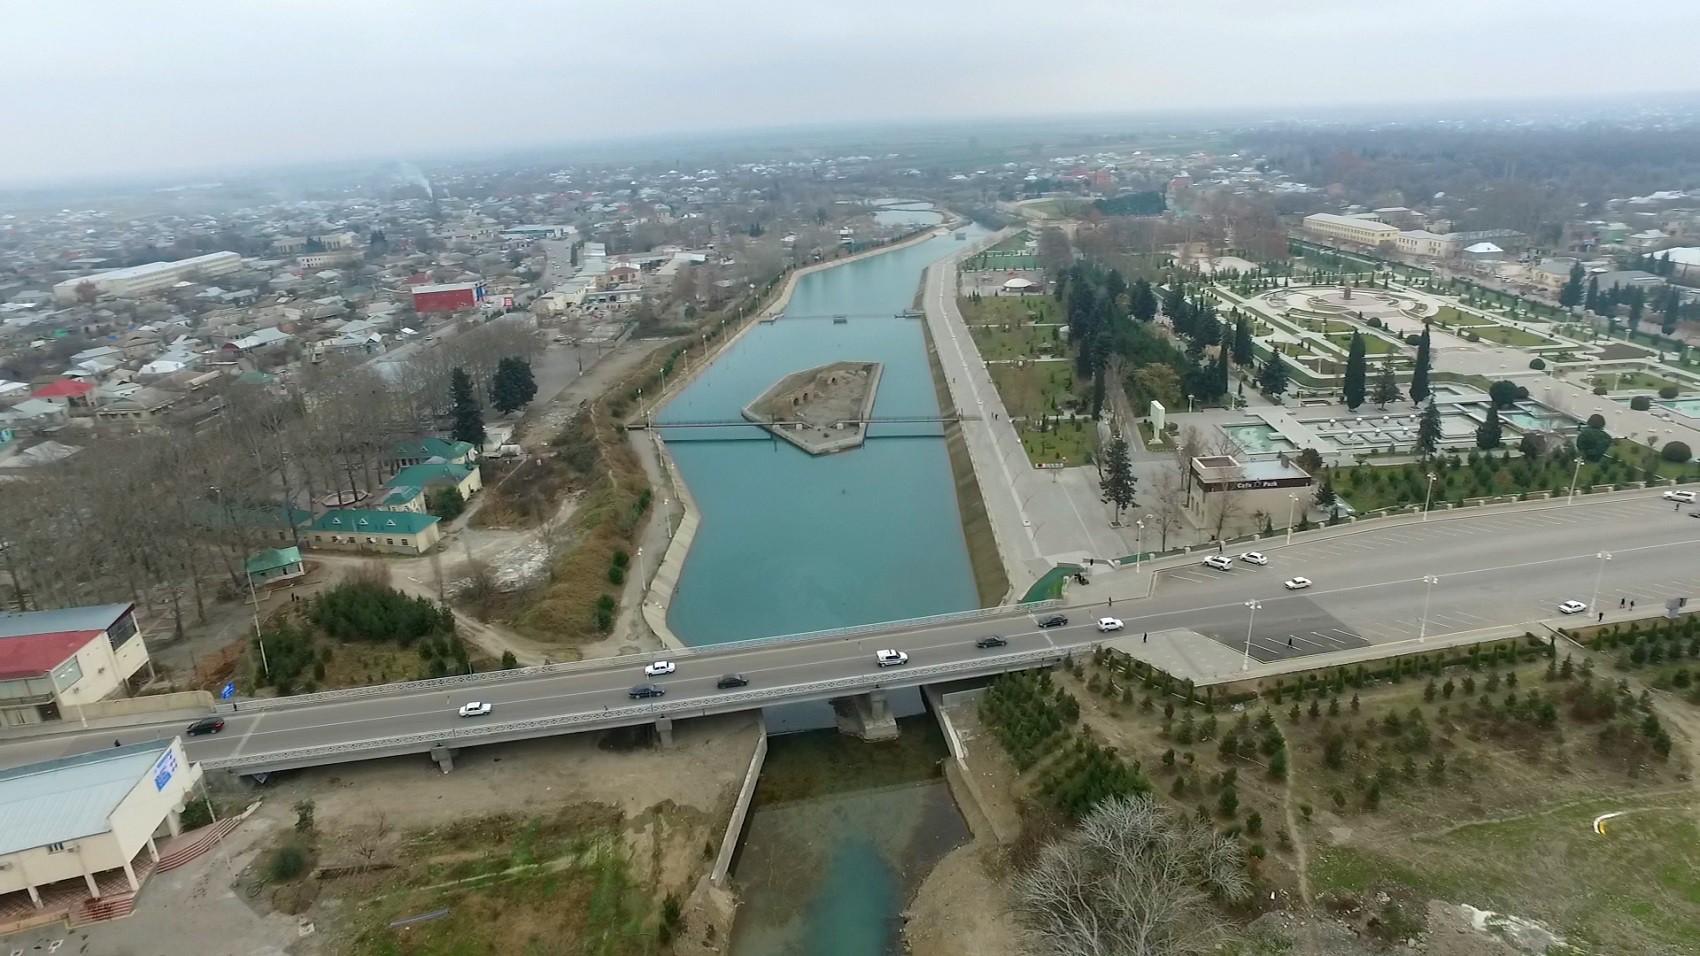 Azərbaycanda 26 metr uzunluğunda yeni körpü inşa edilib